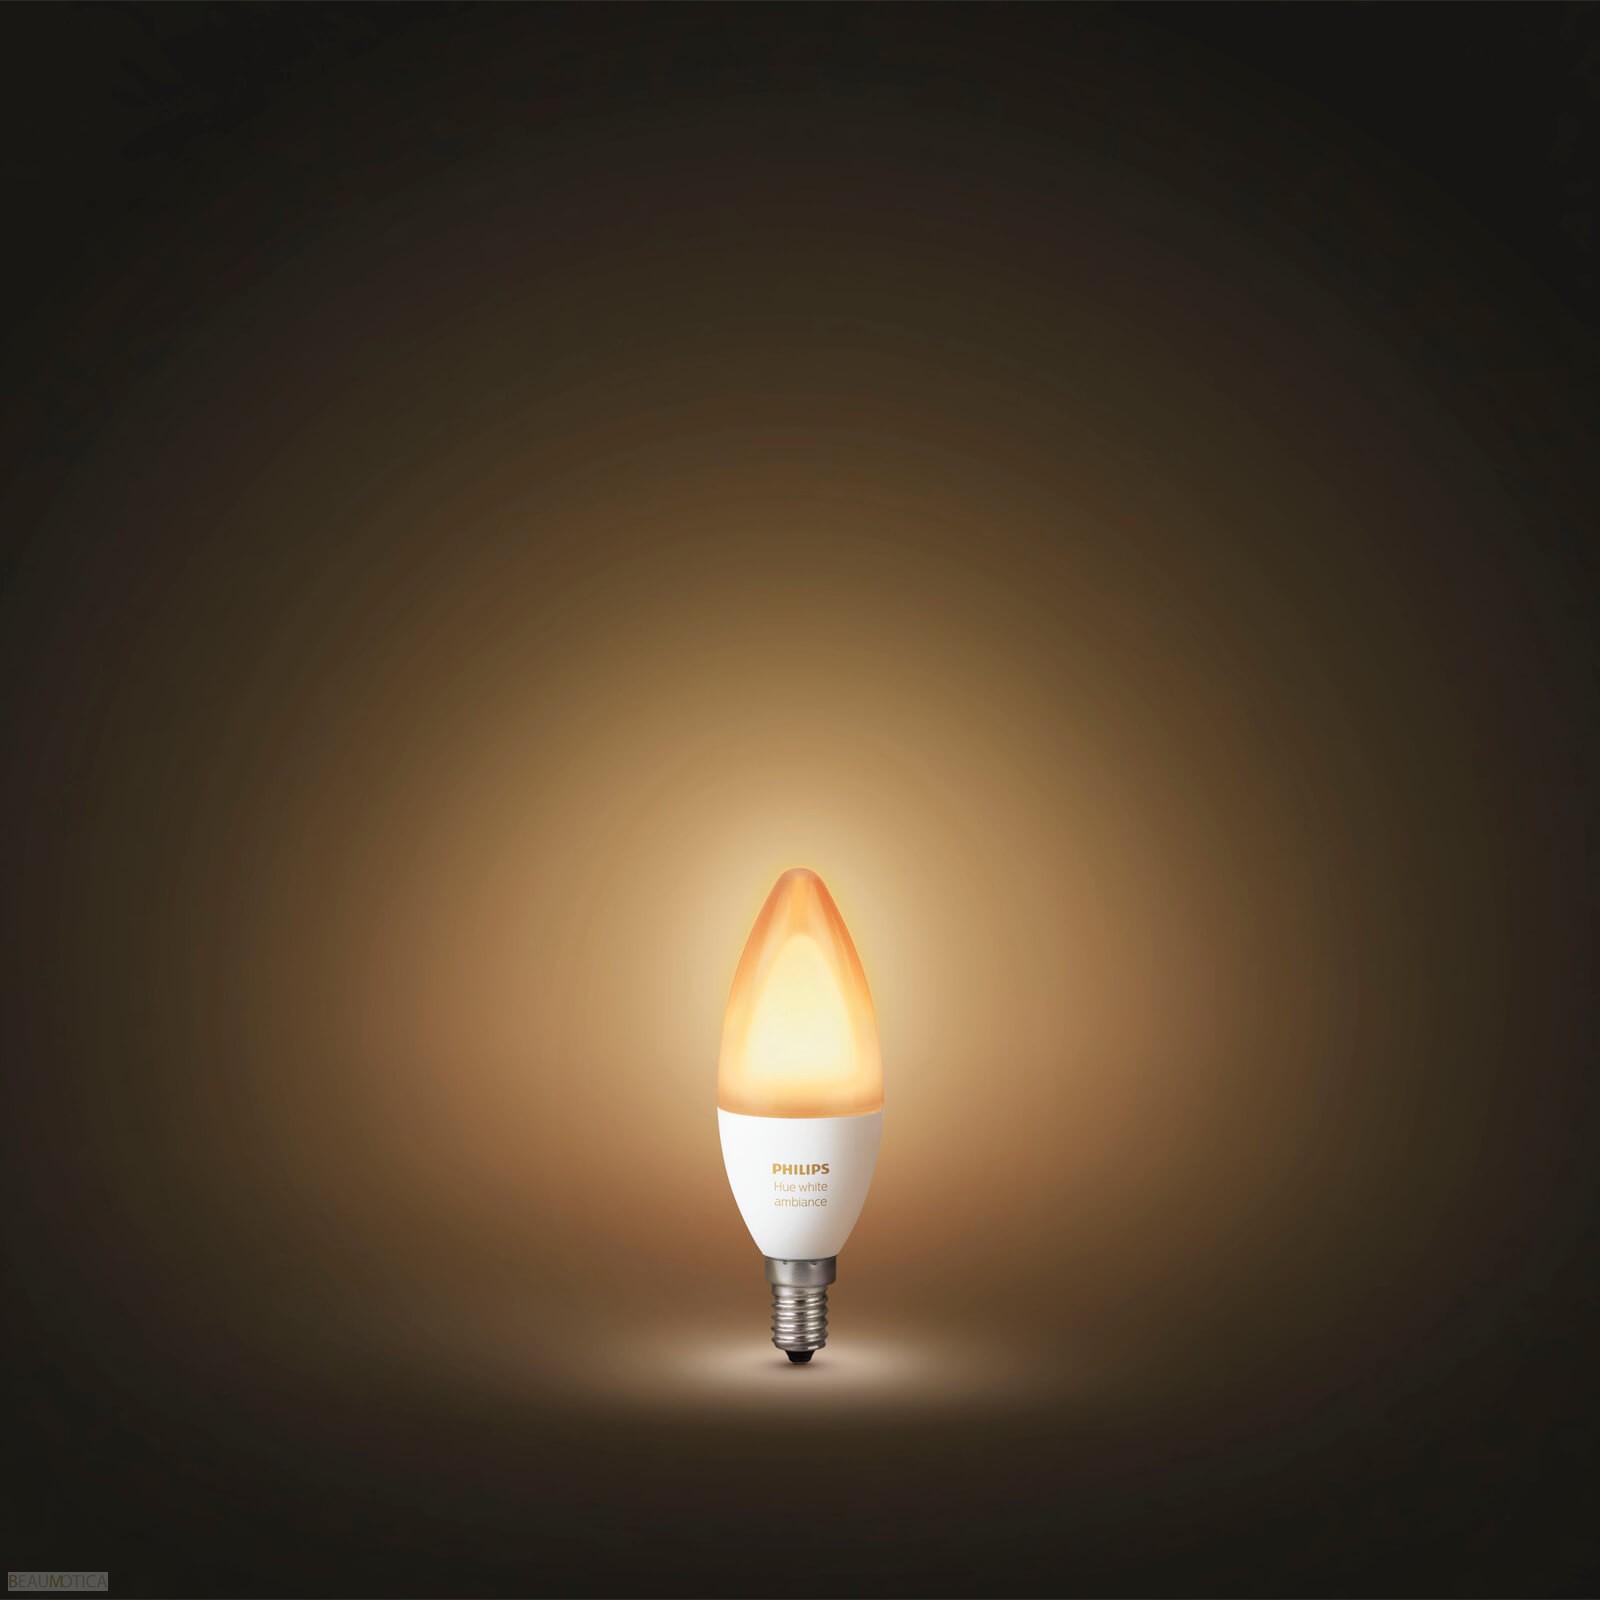 Philips Hue Lampen E14.Philips Hue White Ambiance Losse Lamp E14